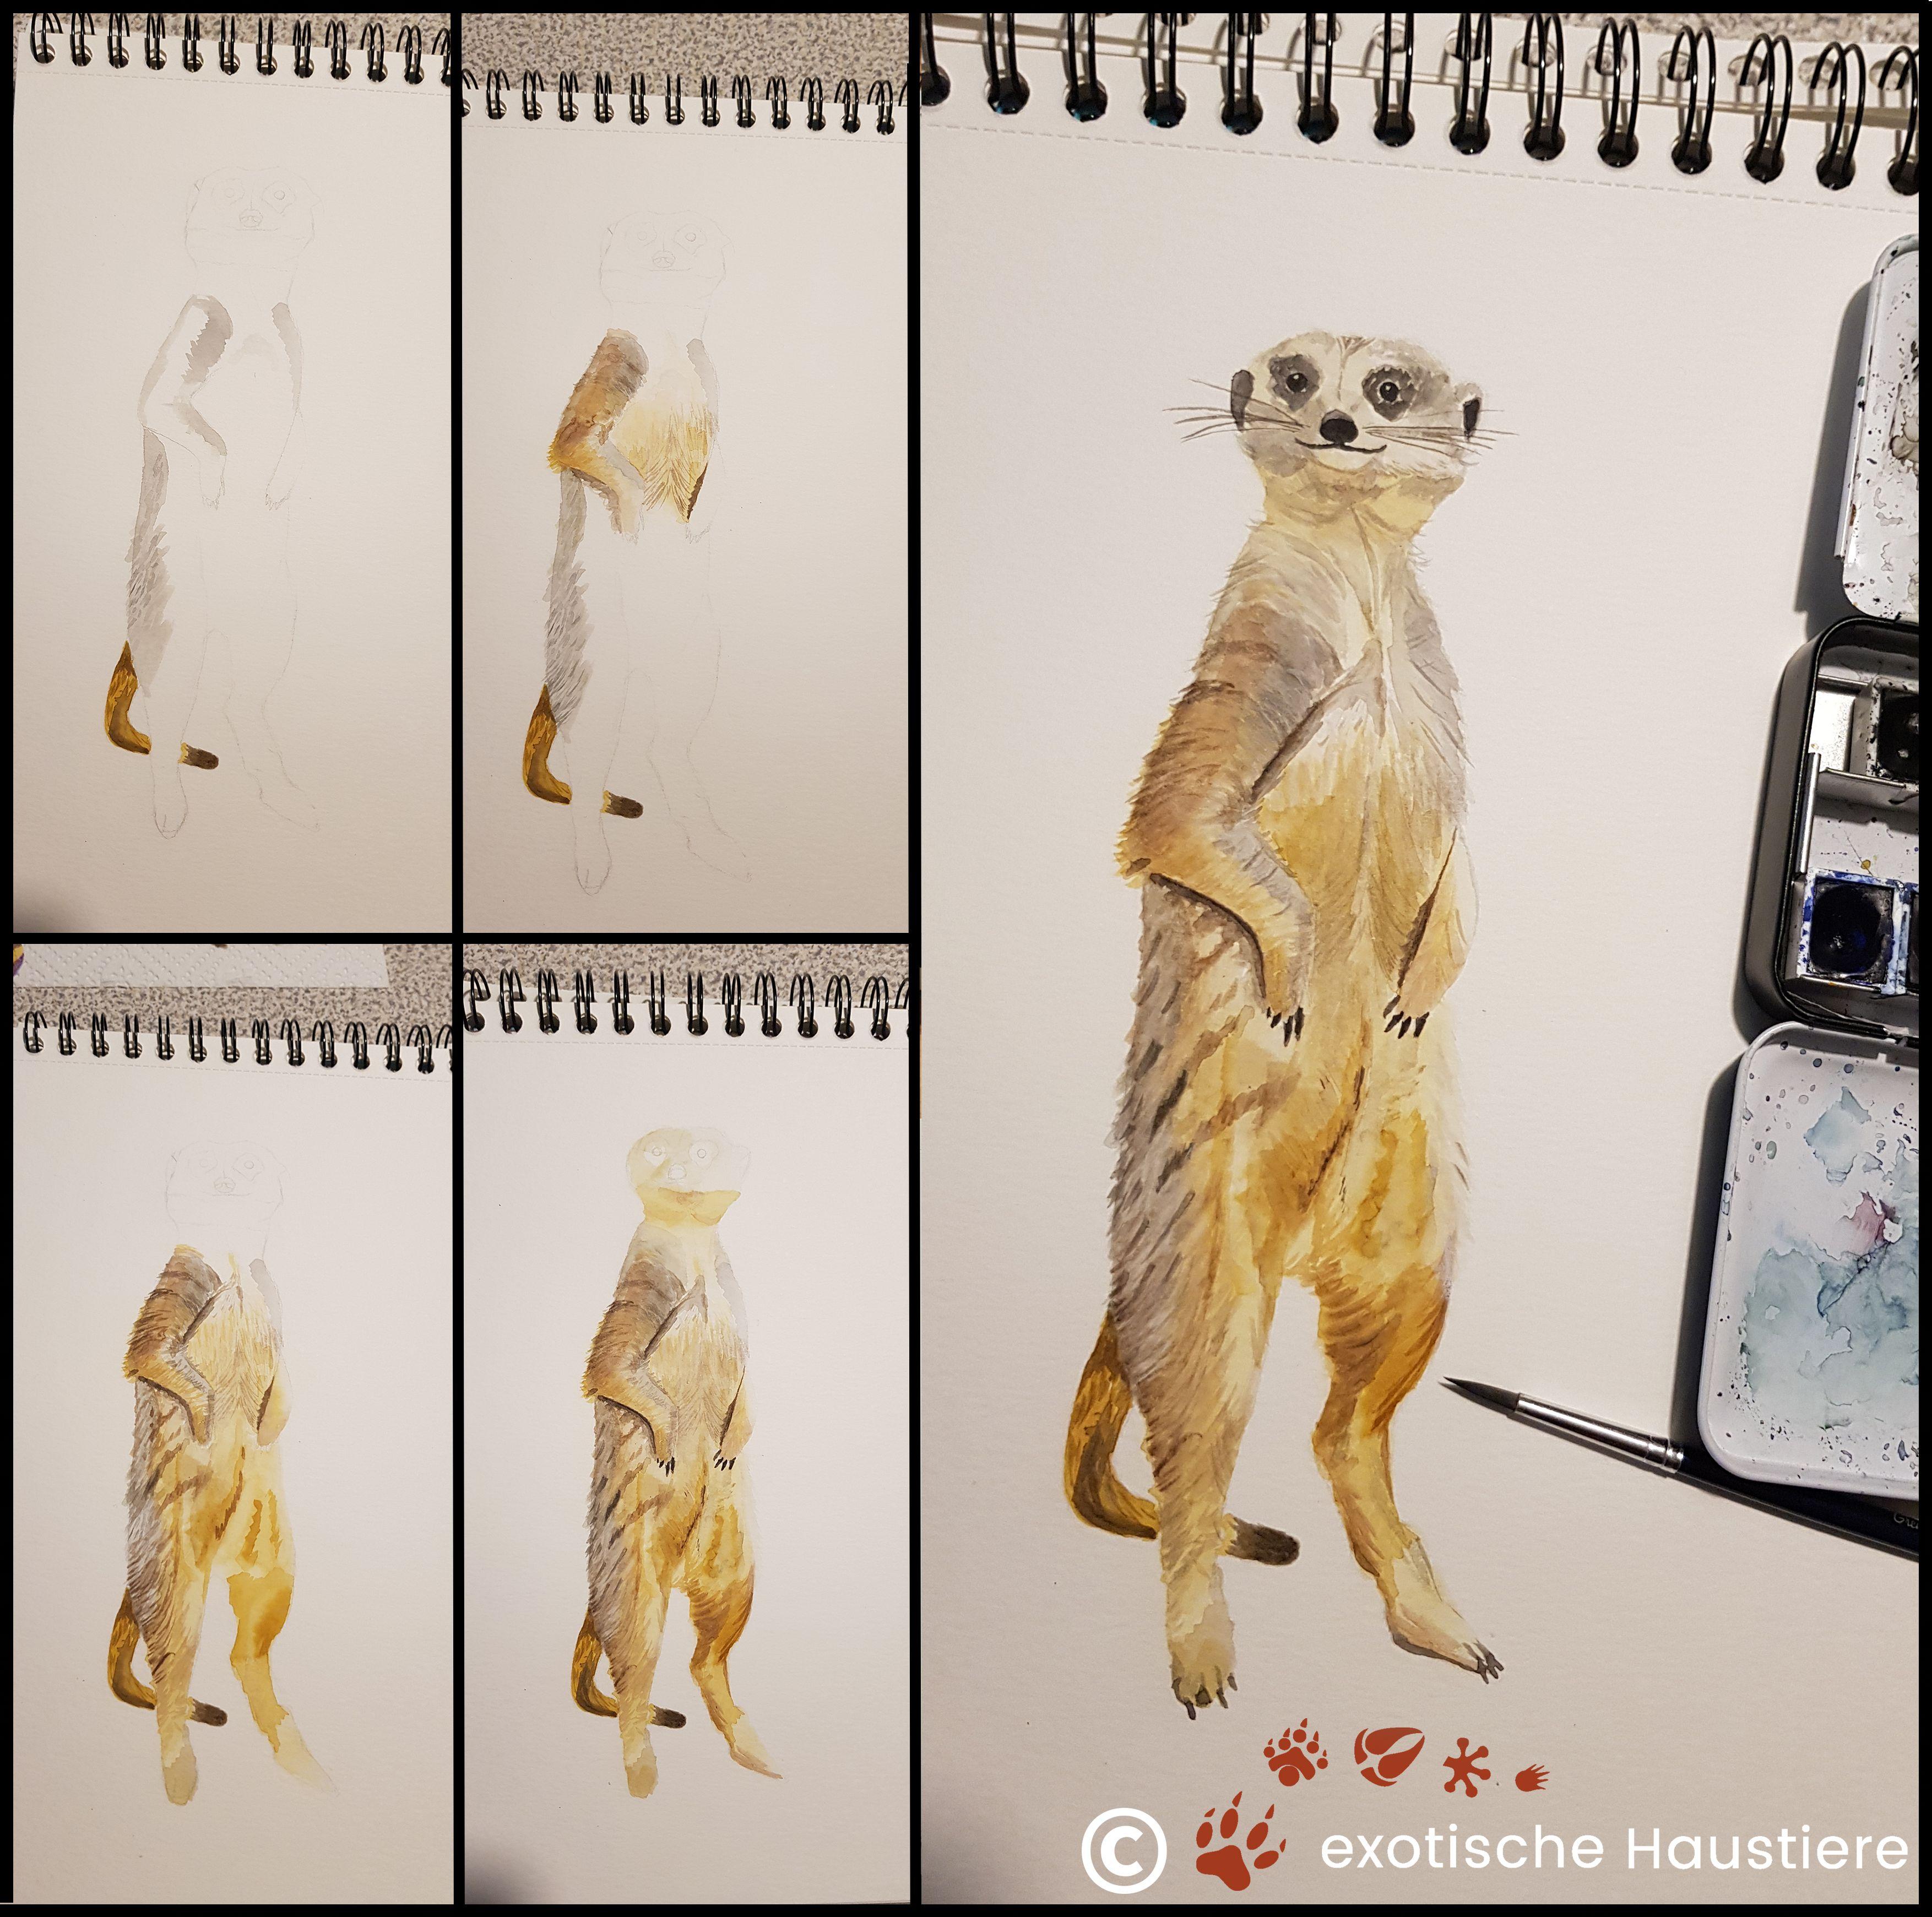 Erdmannchen Haltung Exotische Haustiere Haustiere Erdmannchen